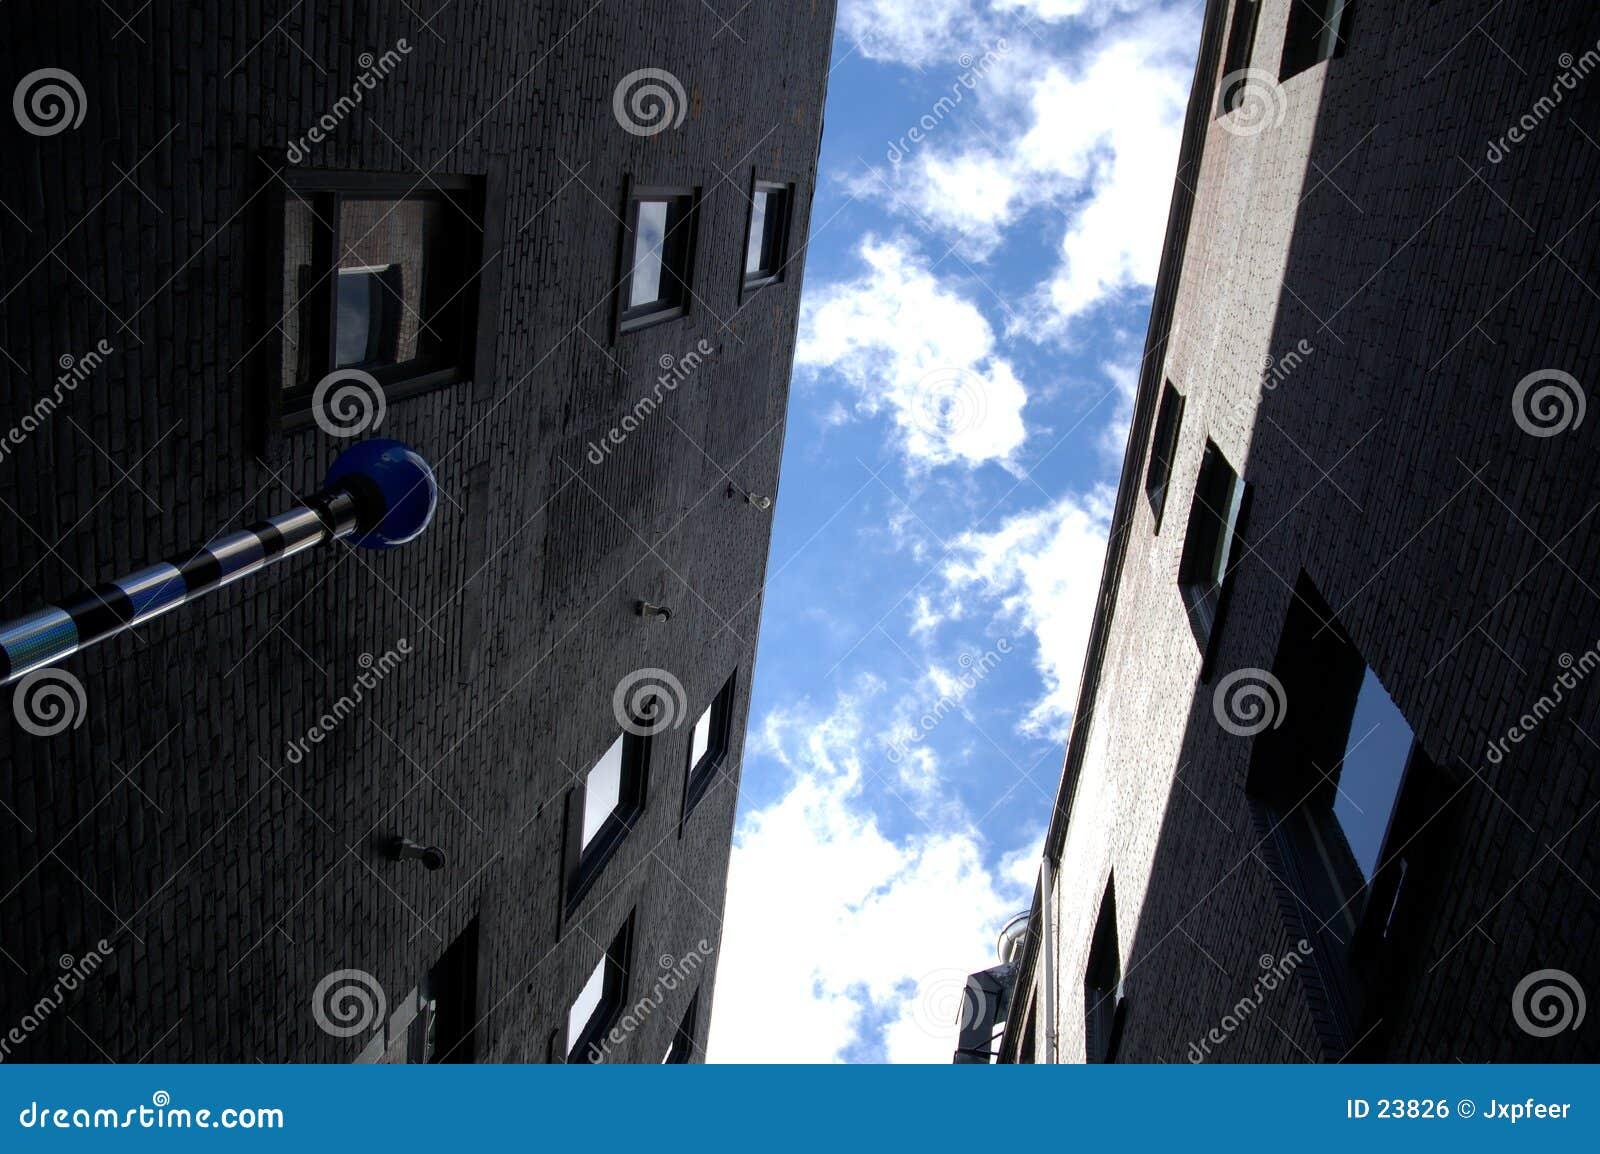 公寓buidings